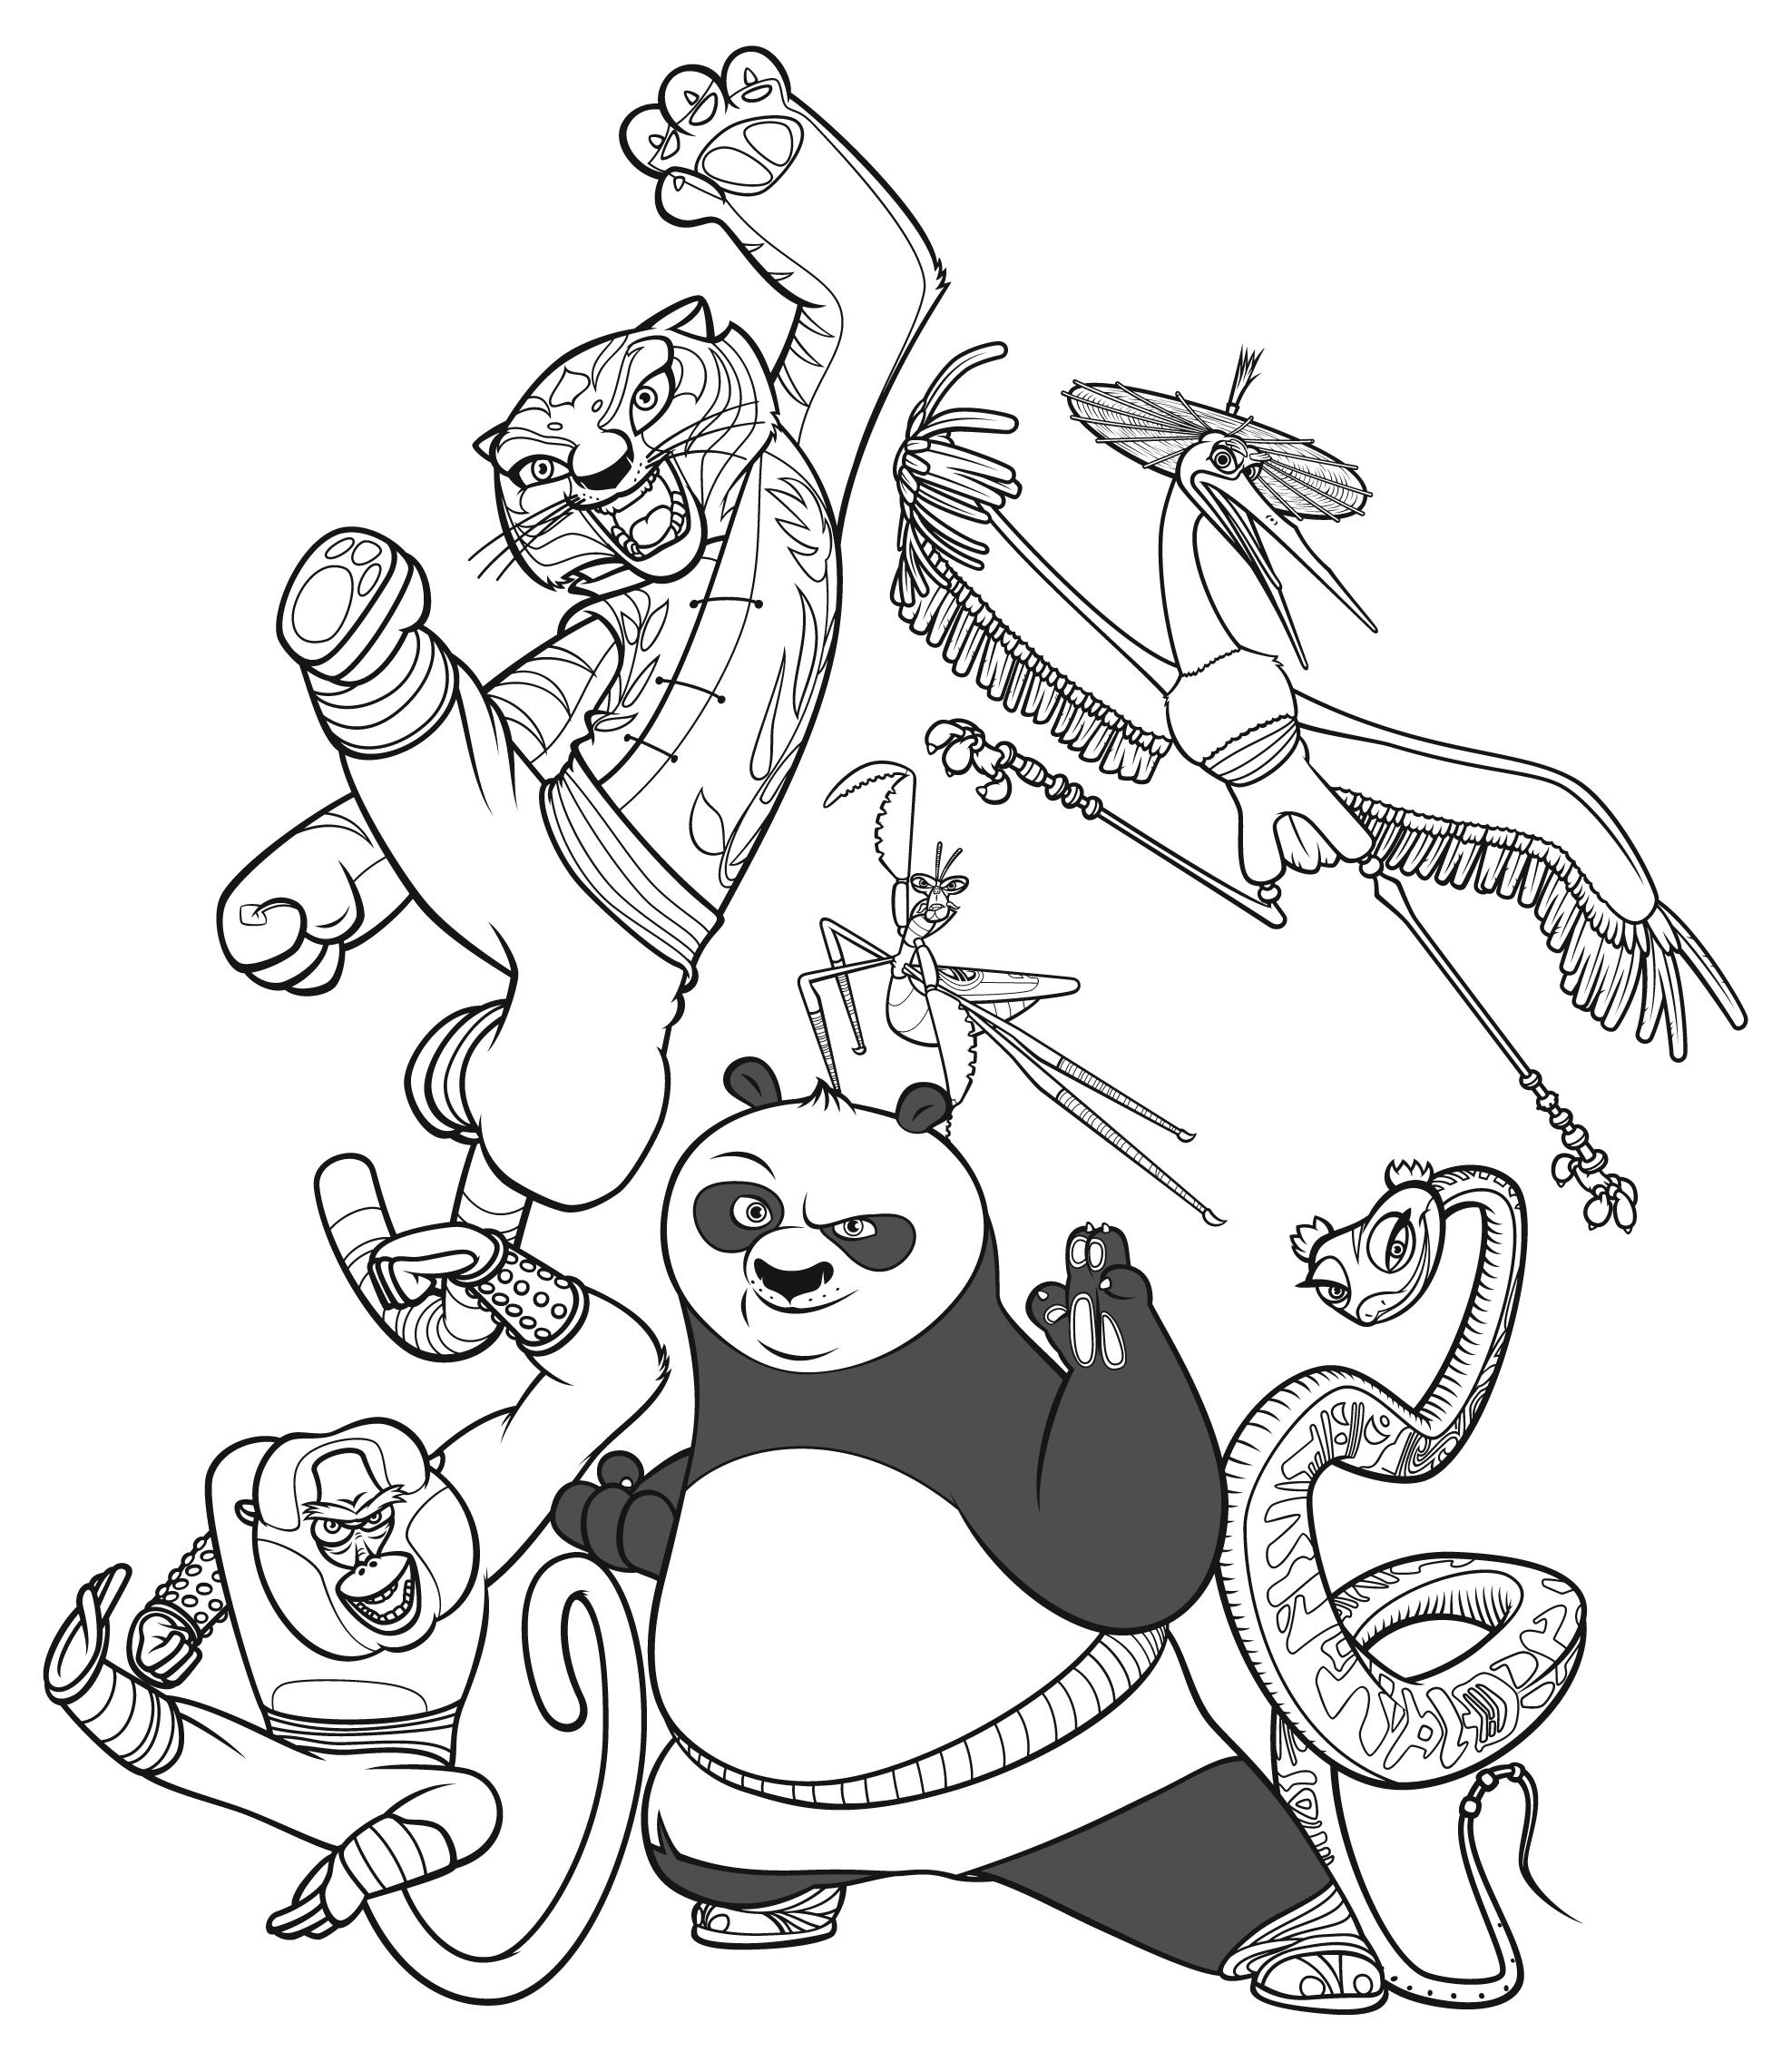 Panda #16 (Animaux) – Coloriages À Imprimer intérieur Panda À Colorier